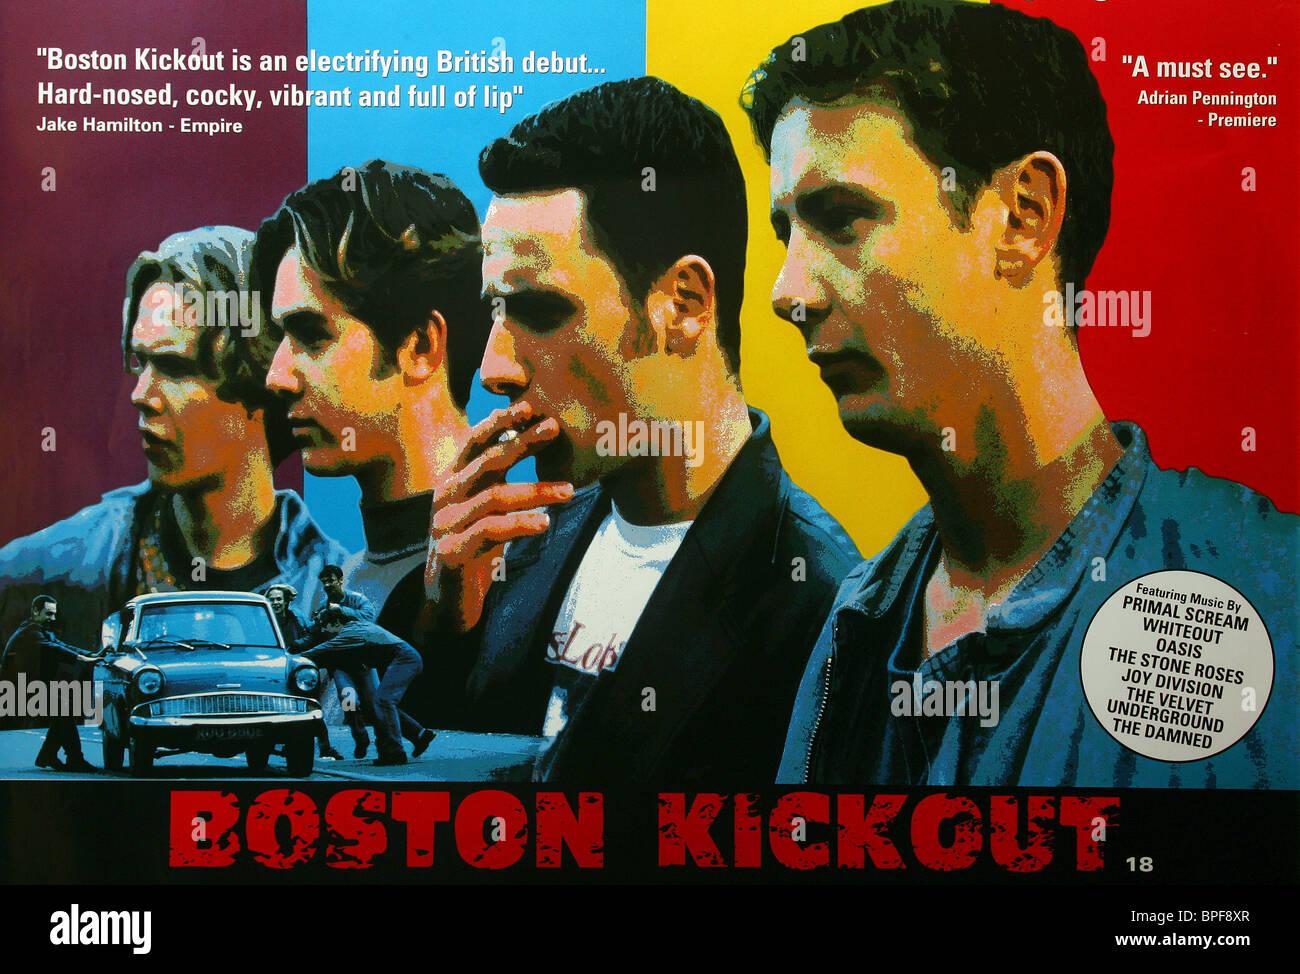 FILM POSTER BOSTON KICKOUT (1995) - Stock Image